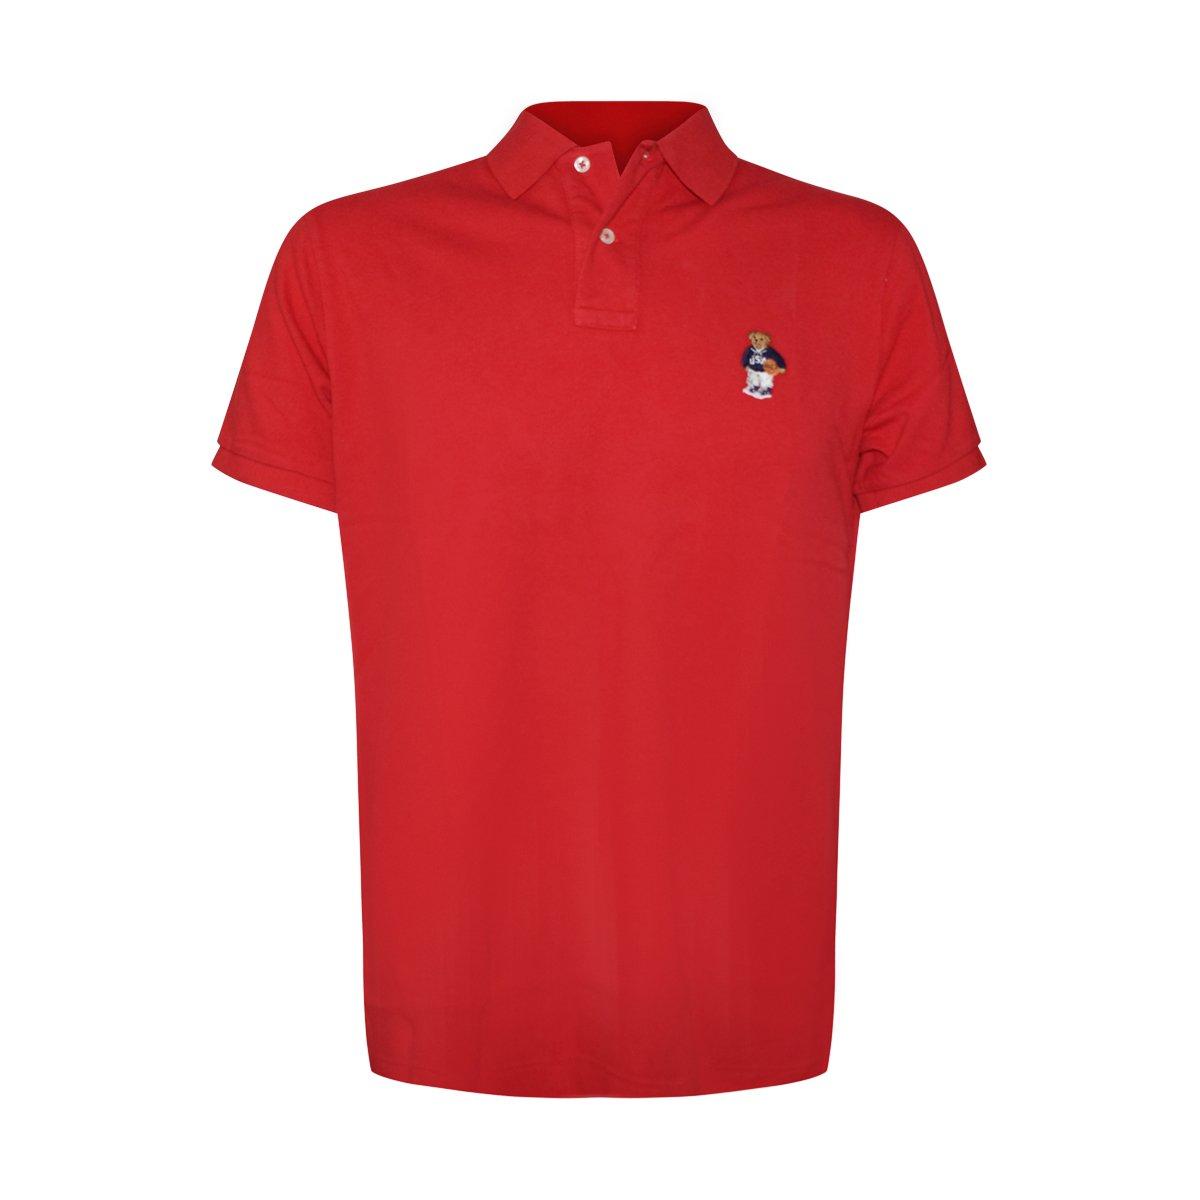 a924b0d5a Galleon - Polo Ralph Lauren Men Custom Fit Mesh Polo Shirt Red Basketball  Bear (Medium)